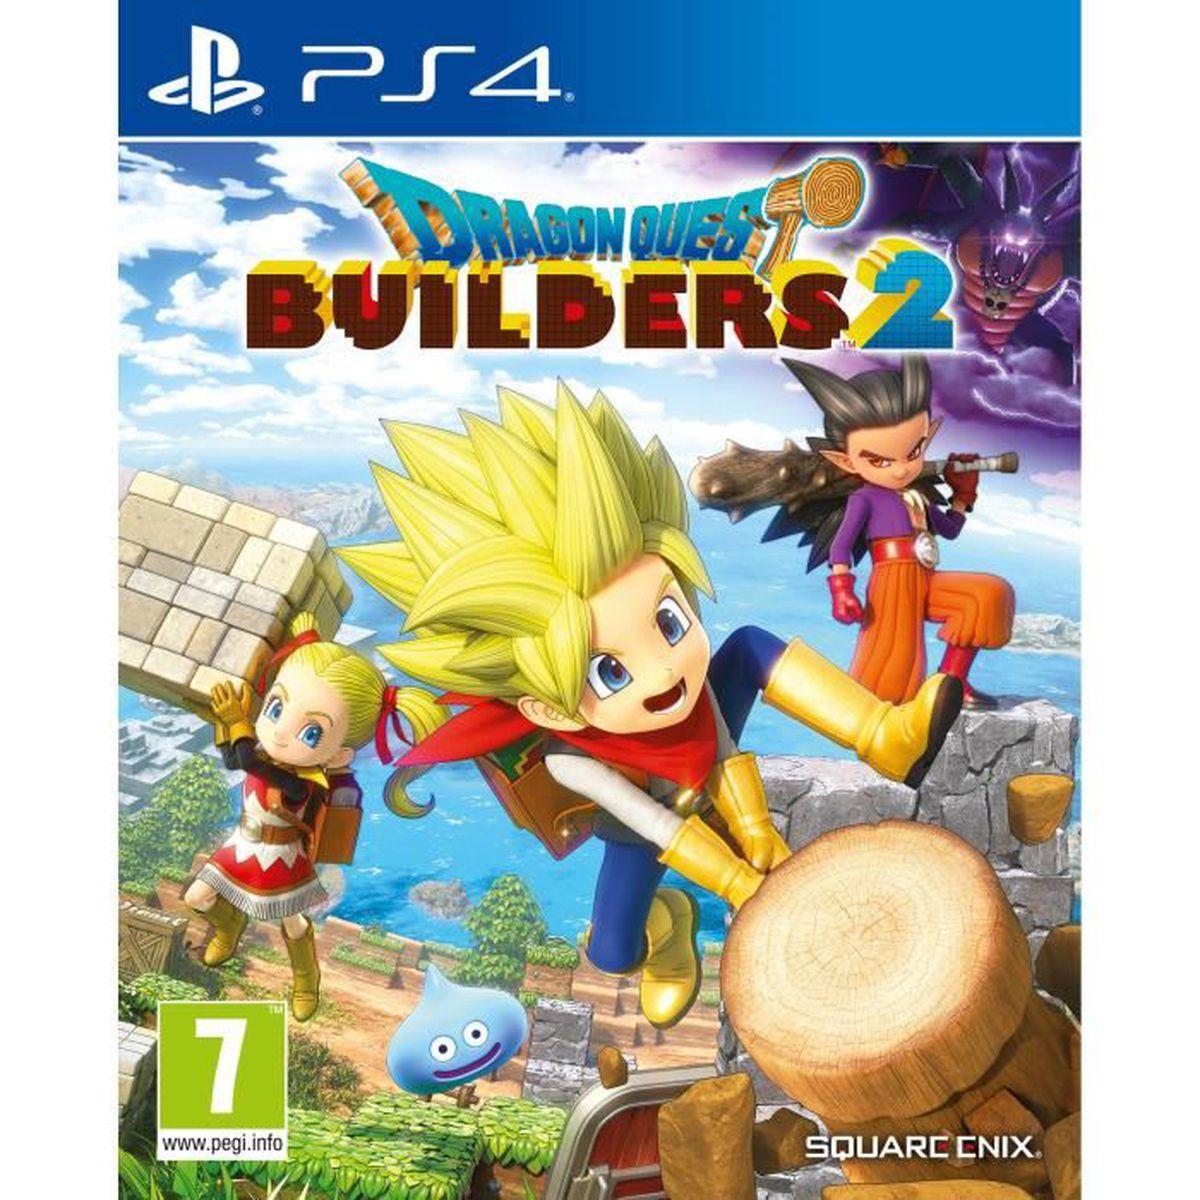 JEU PS4 Dragon Quest Builders 2 Jeu PS4